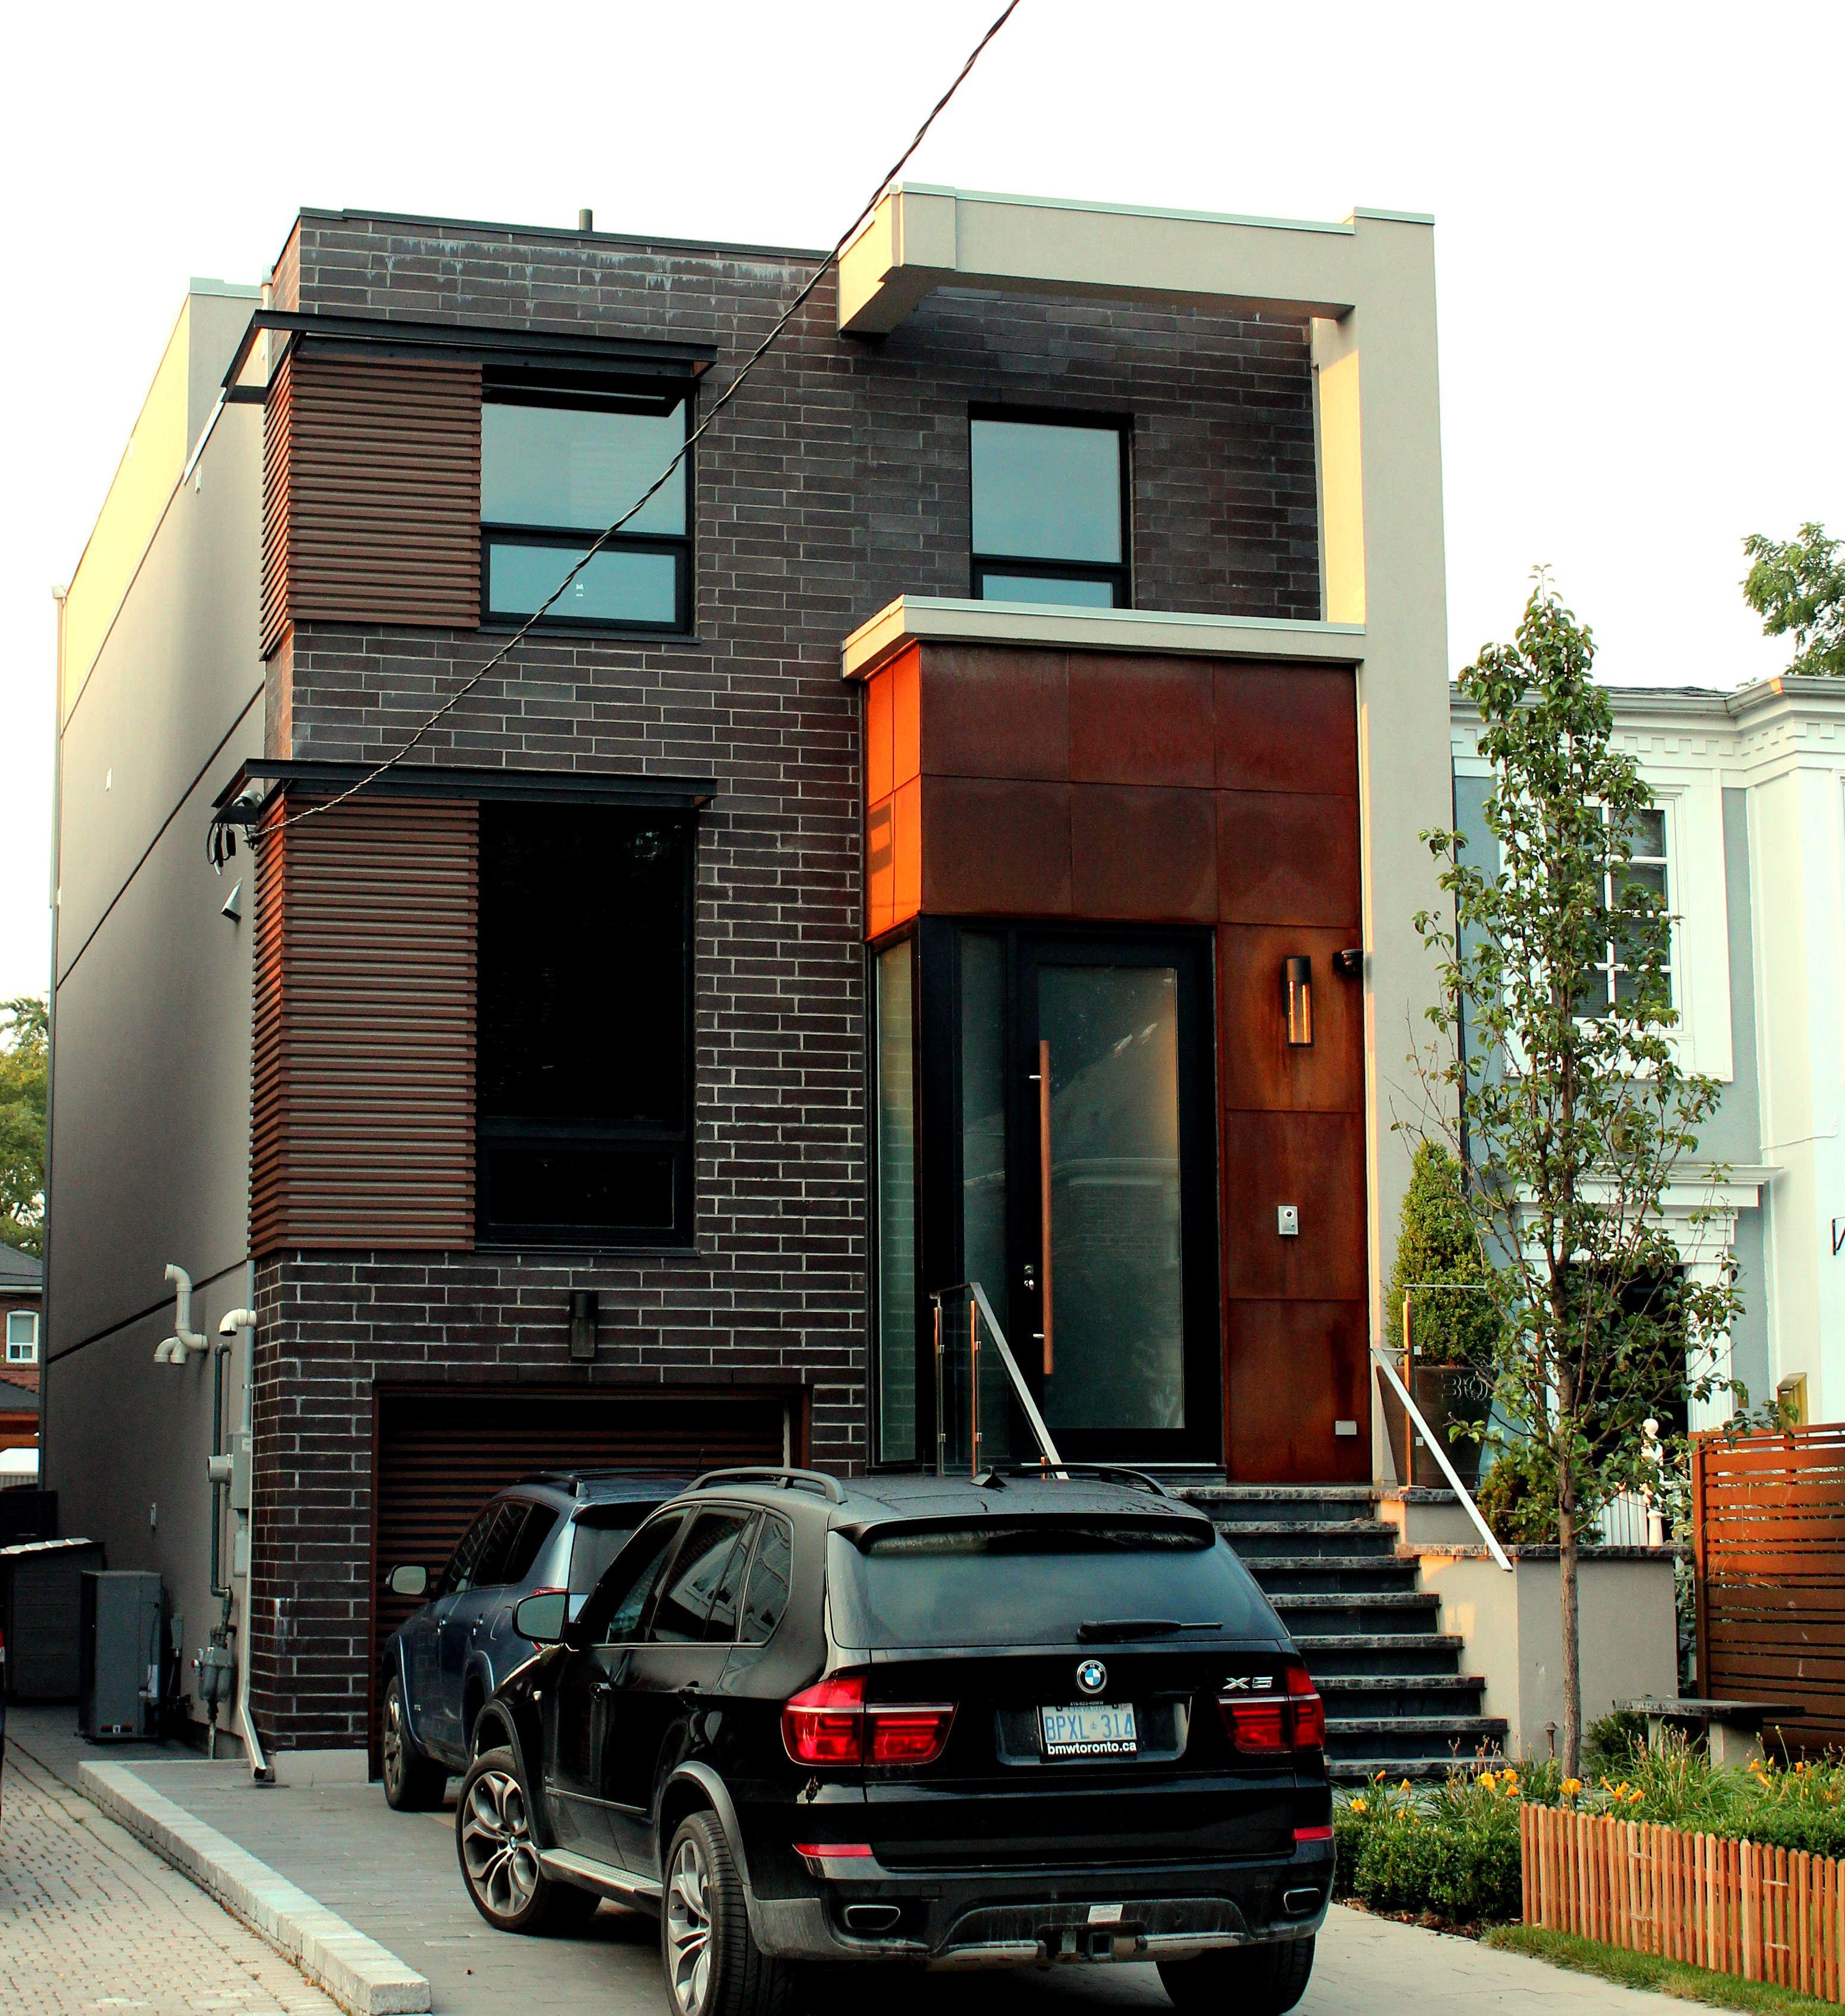 Custom Home Designs Toronto: This Toronto Residence Designed By O.E. Design Showcases